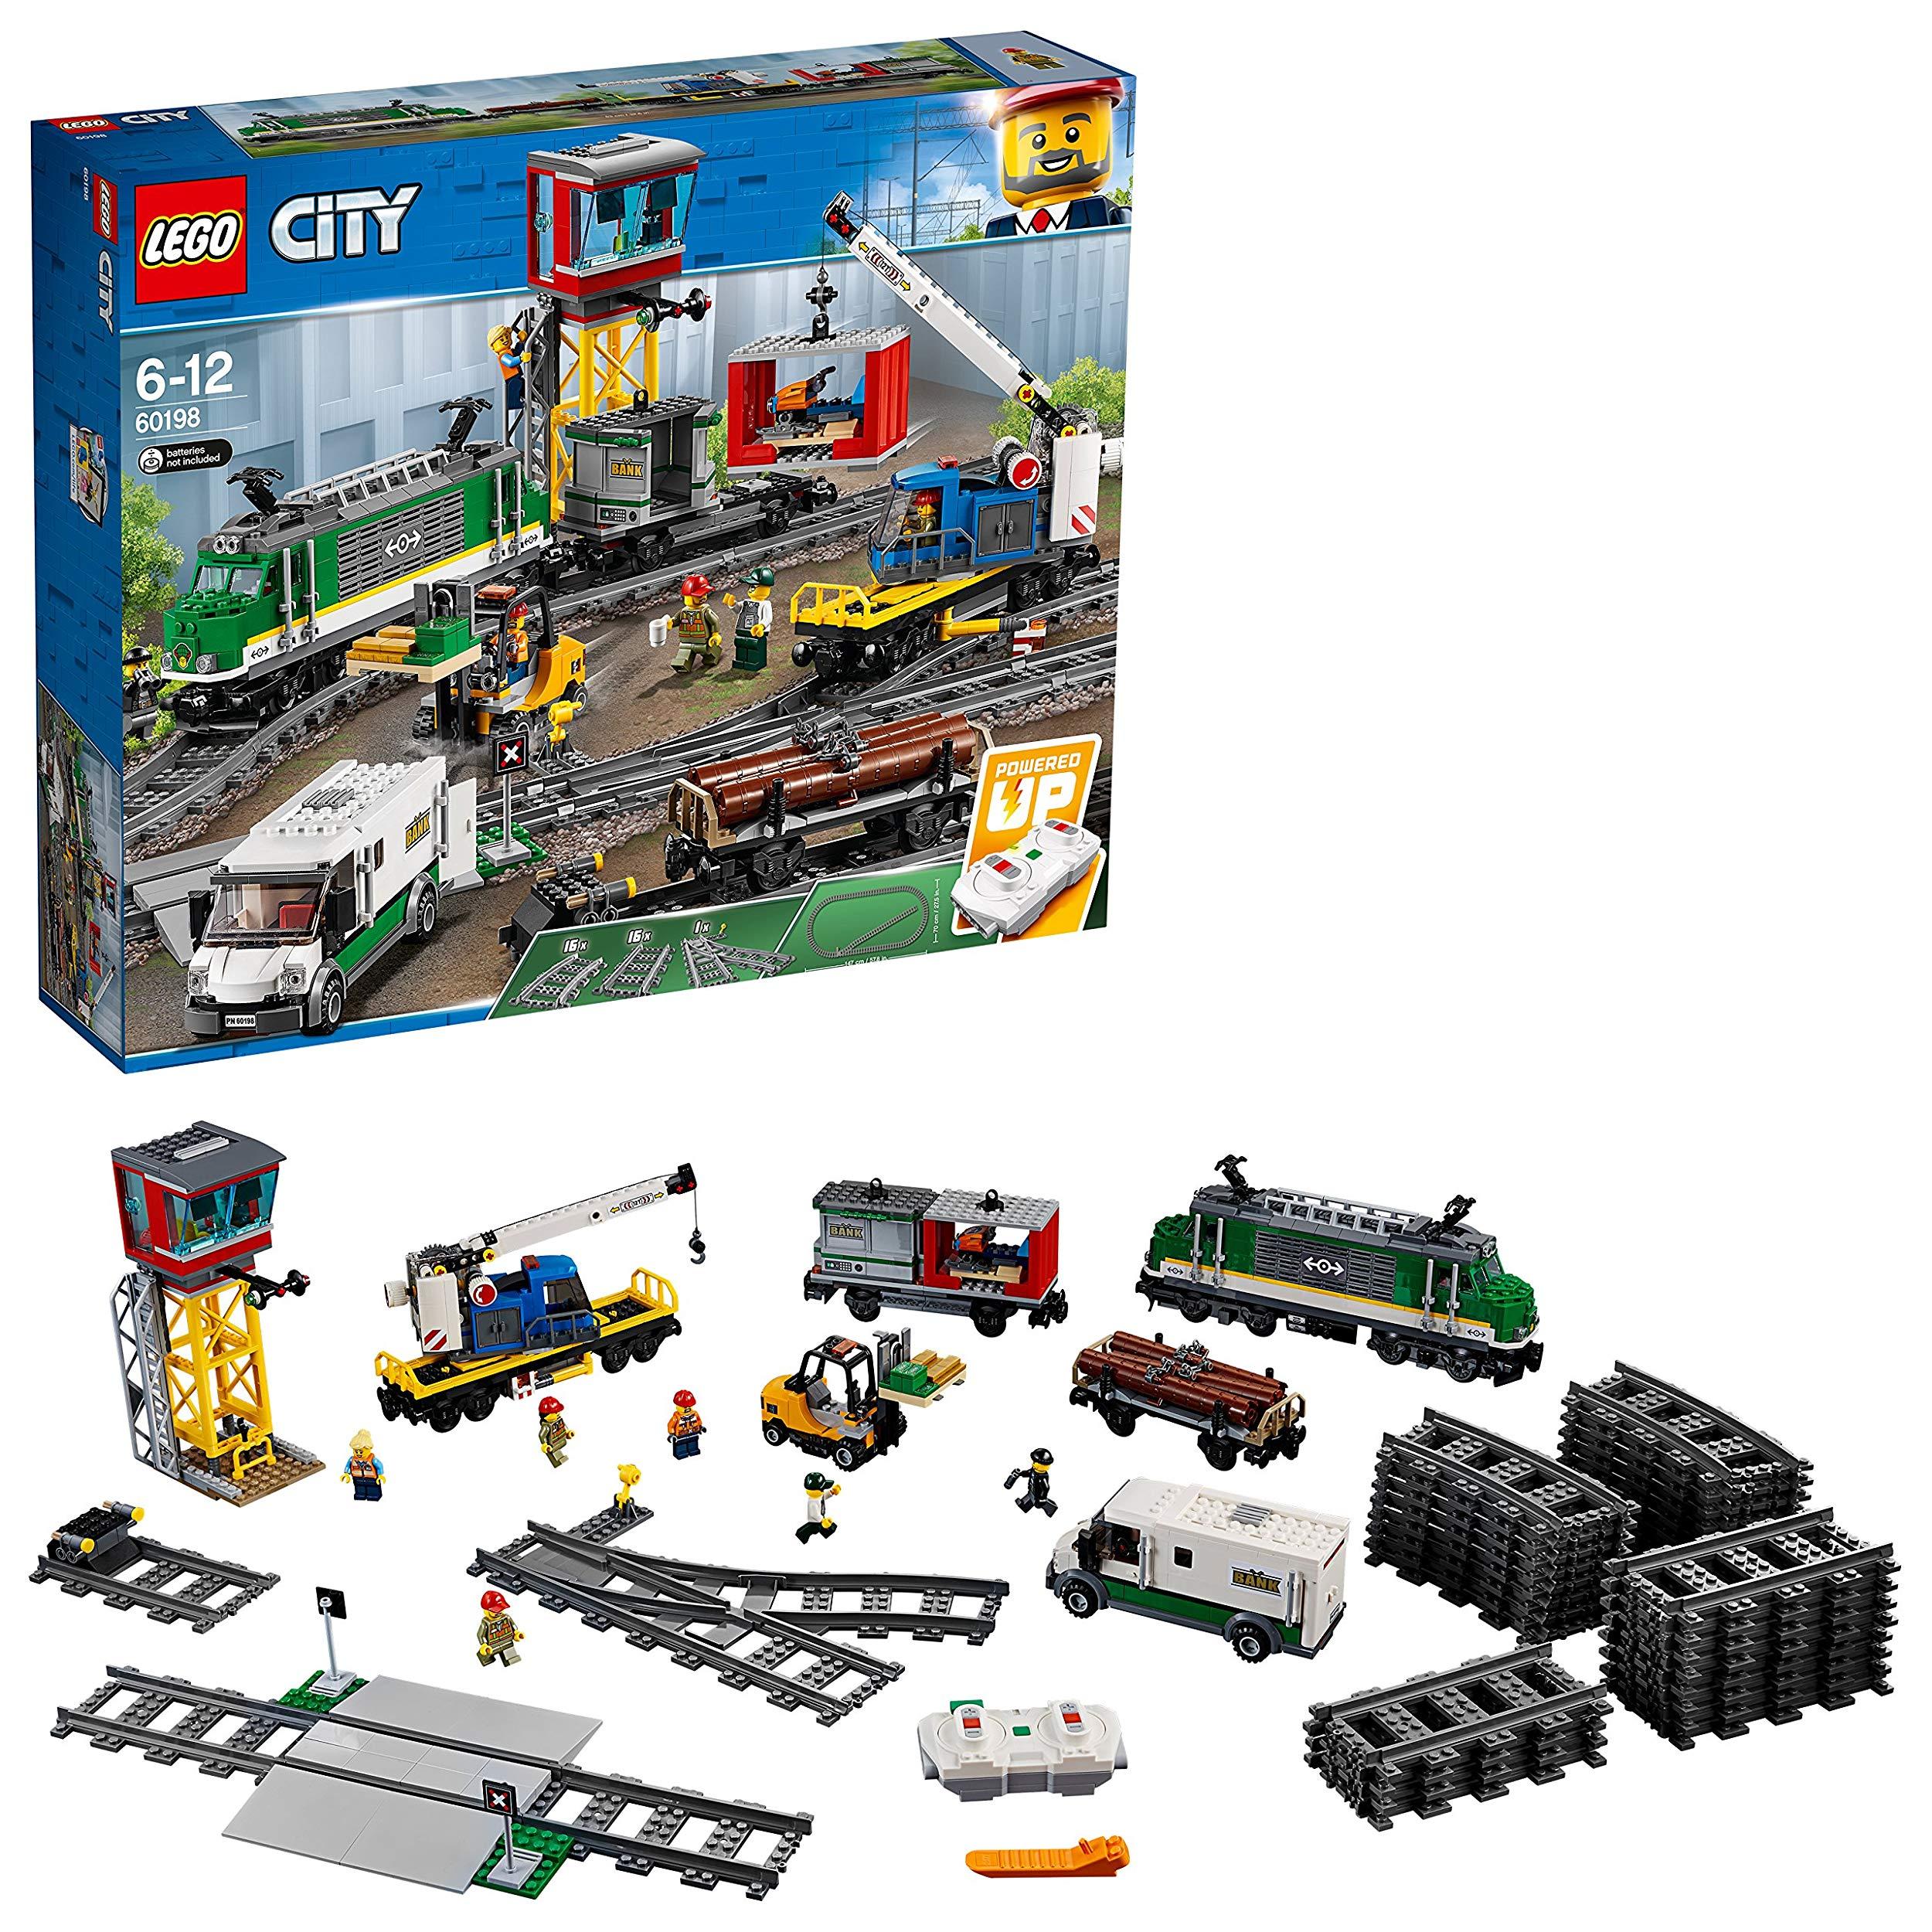 NEU BA ! Lego RC Eisenbahn TRAIN 60198 Zubehör LKW ! TRUCK CAR Fahrzeug